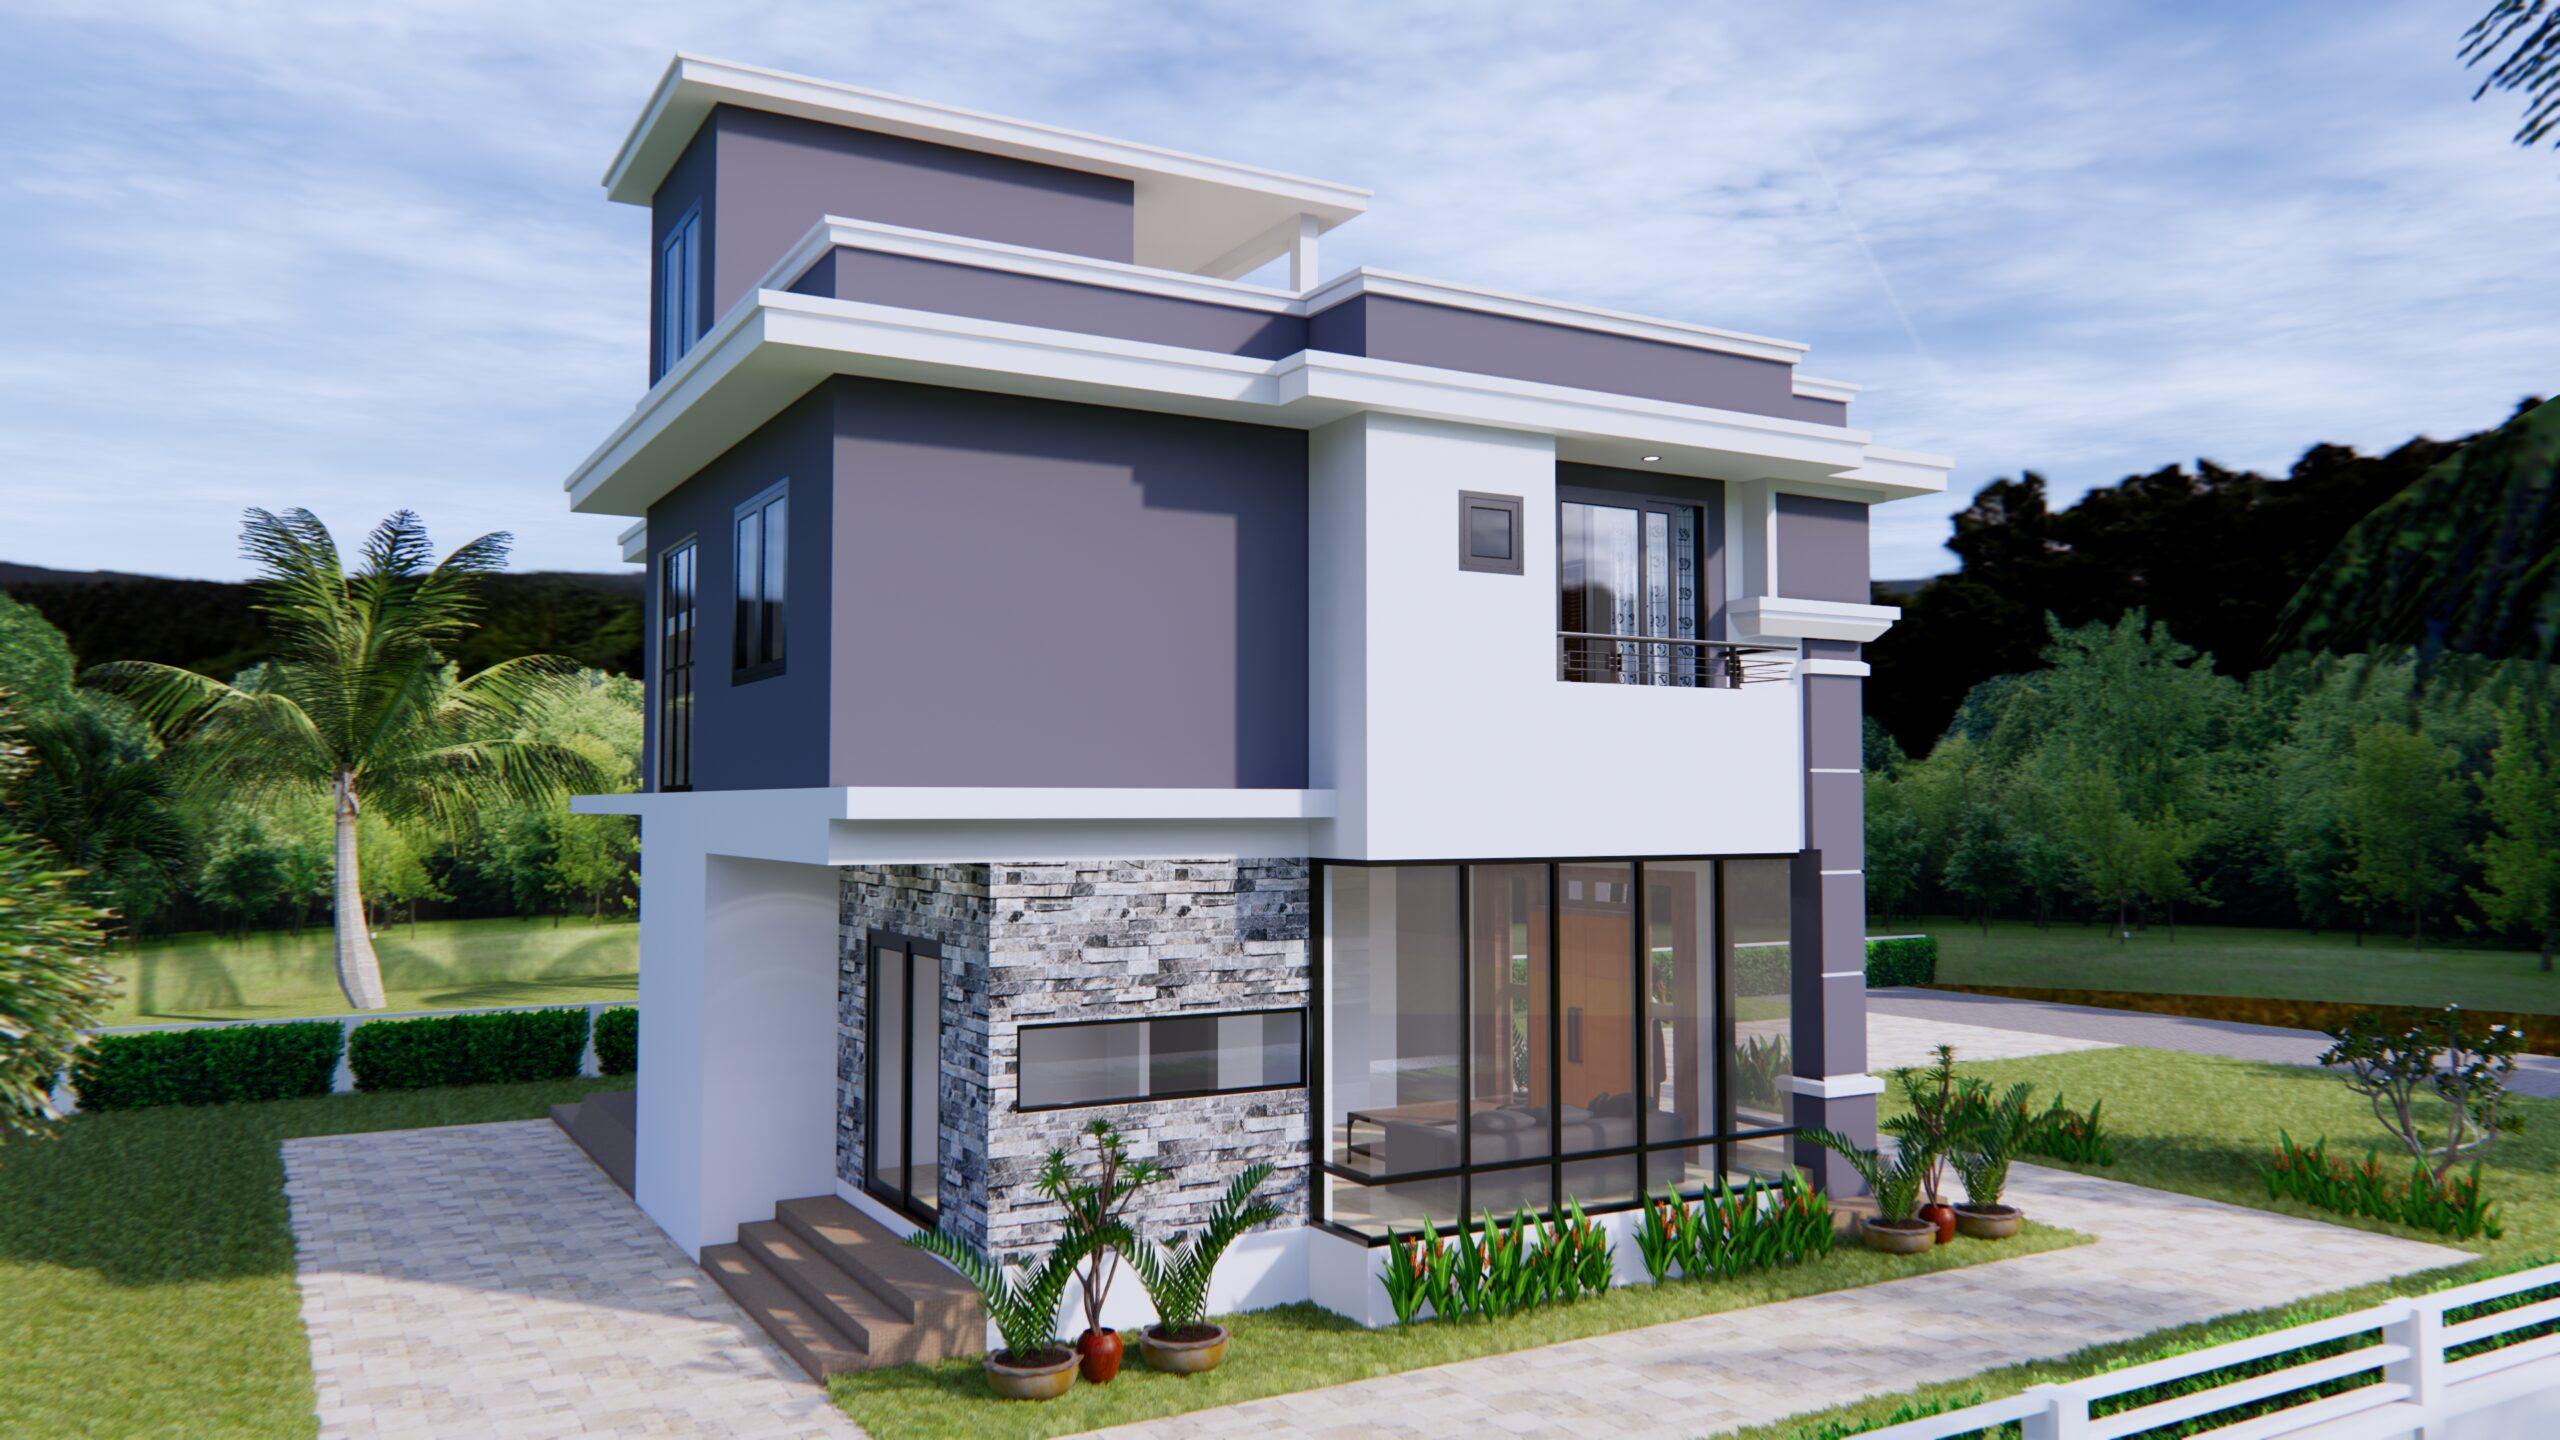 House Design 11x8 Meter 36x26 Feet 3 Beds 4